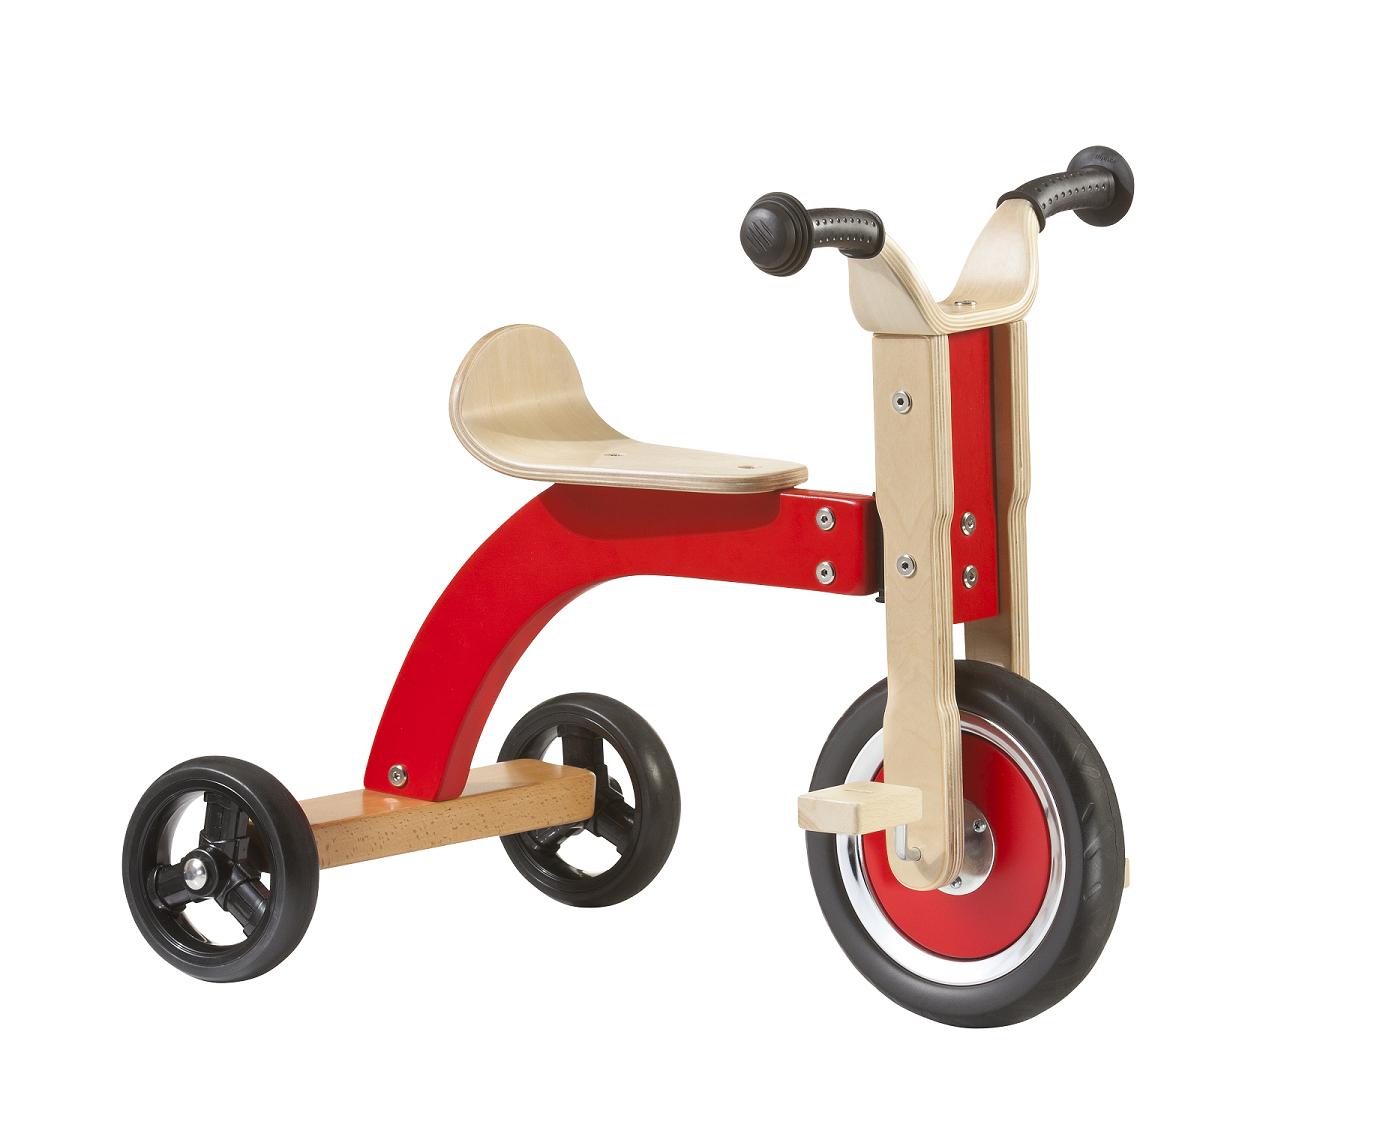 Auslaufartikel - Geuther Dreirad aus Buchenholz mit Plastikreifen, Max. Belastung: 25 kg, Altersempfehlung: 1-5 Jahre, UVP 99€